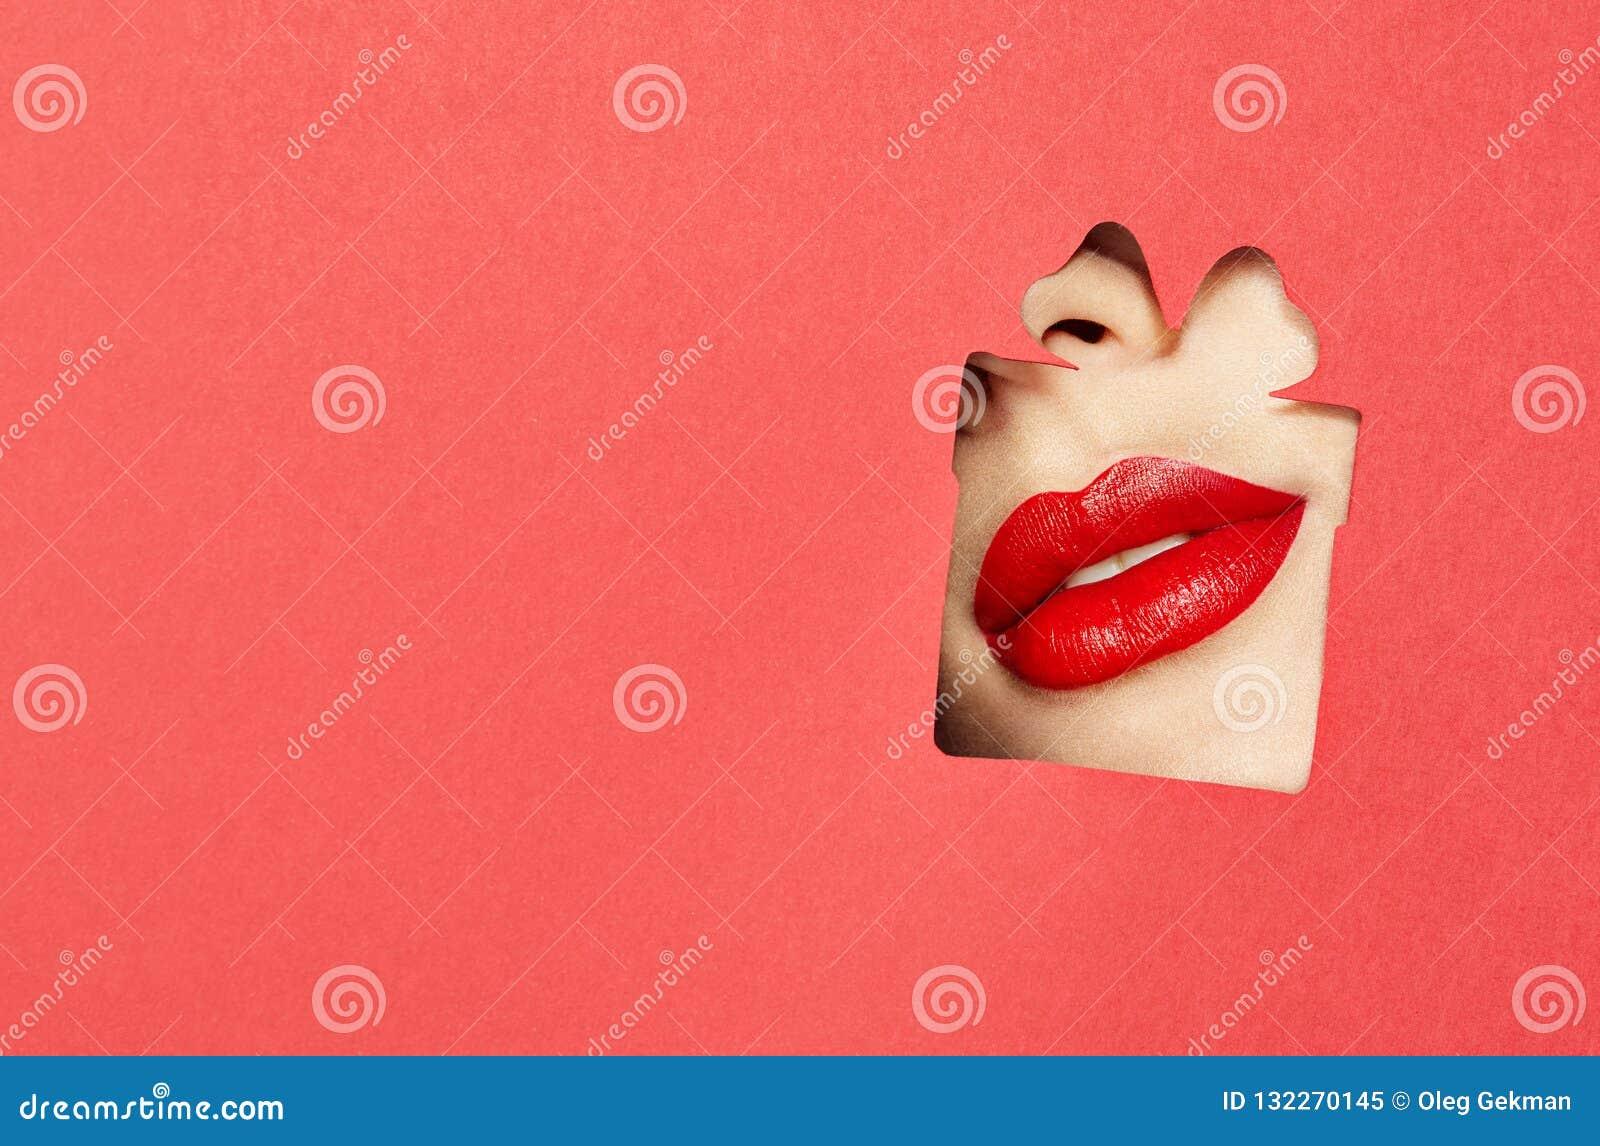 Χείλια μιας νέας όμορφης γυναίκας με ένα κόκκινο κραγιόν